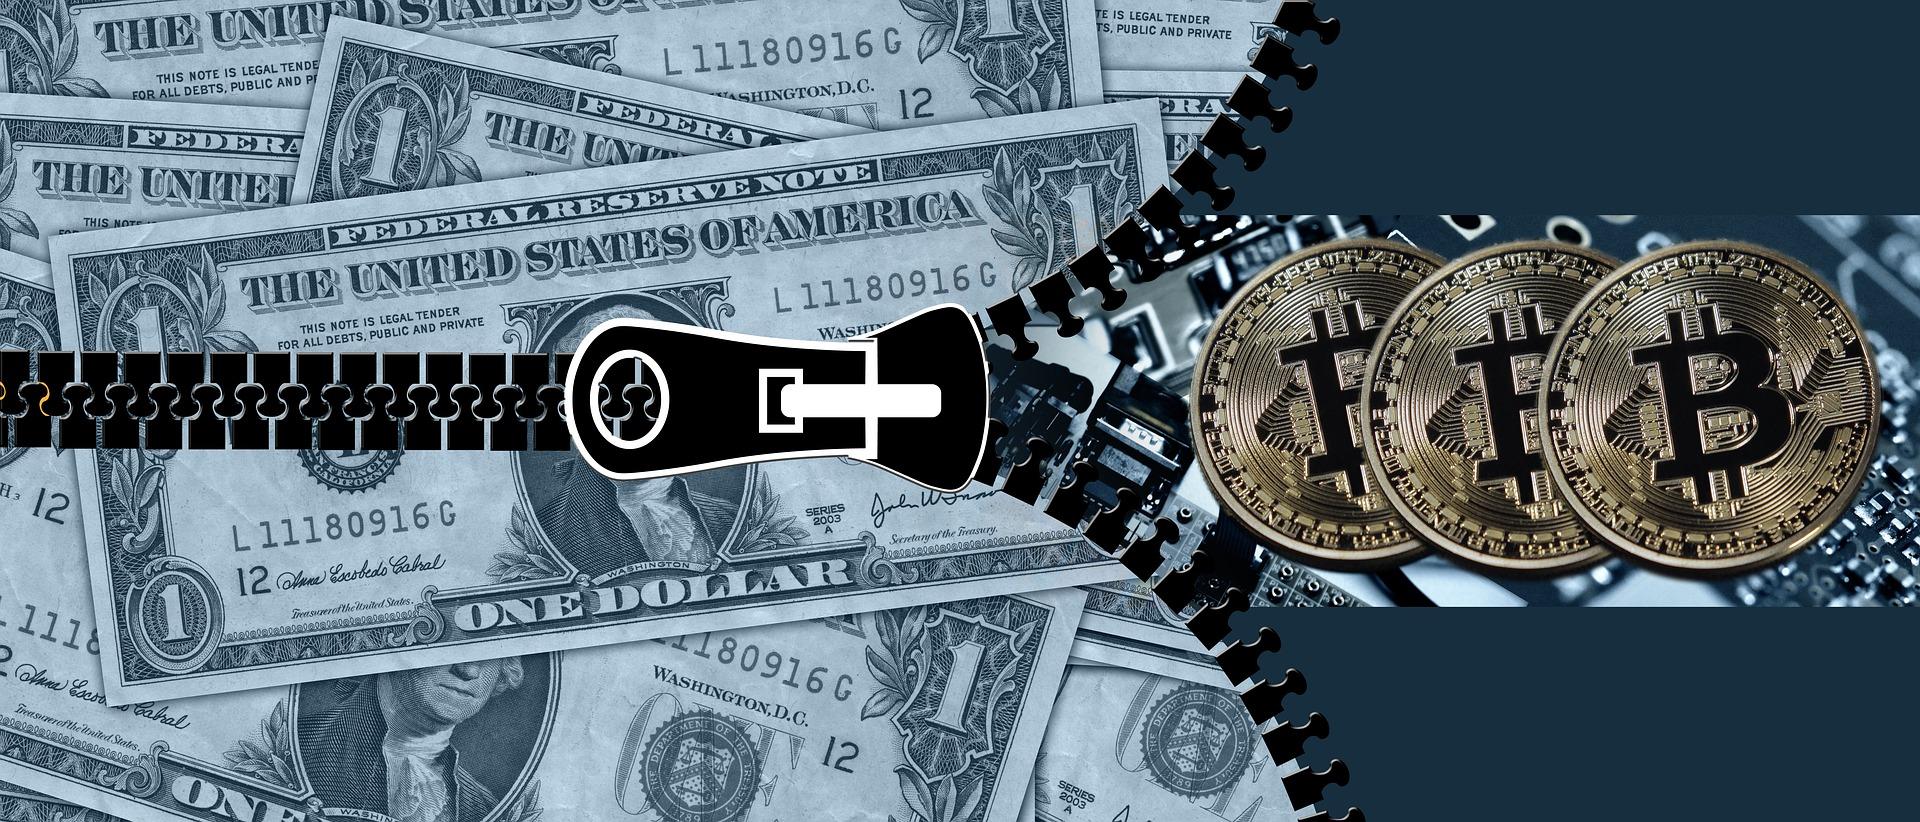 """马克·库班认为 """"比特币是一种宗教,而不是解决任何问题的方法"""" 0001"""